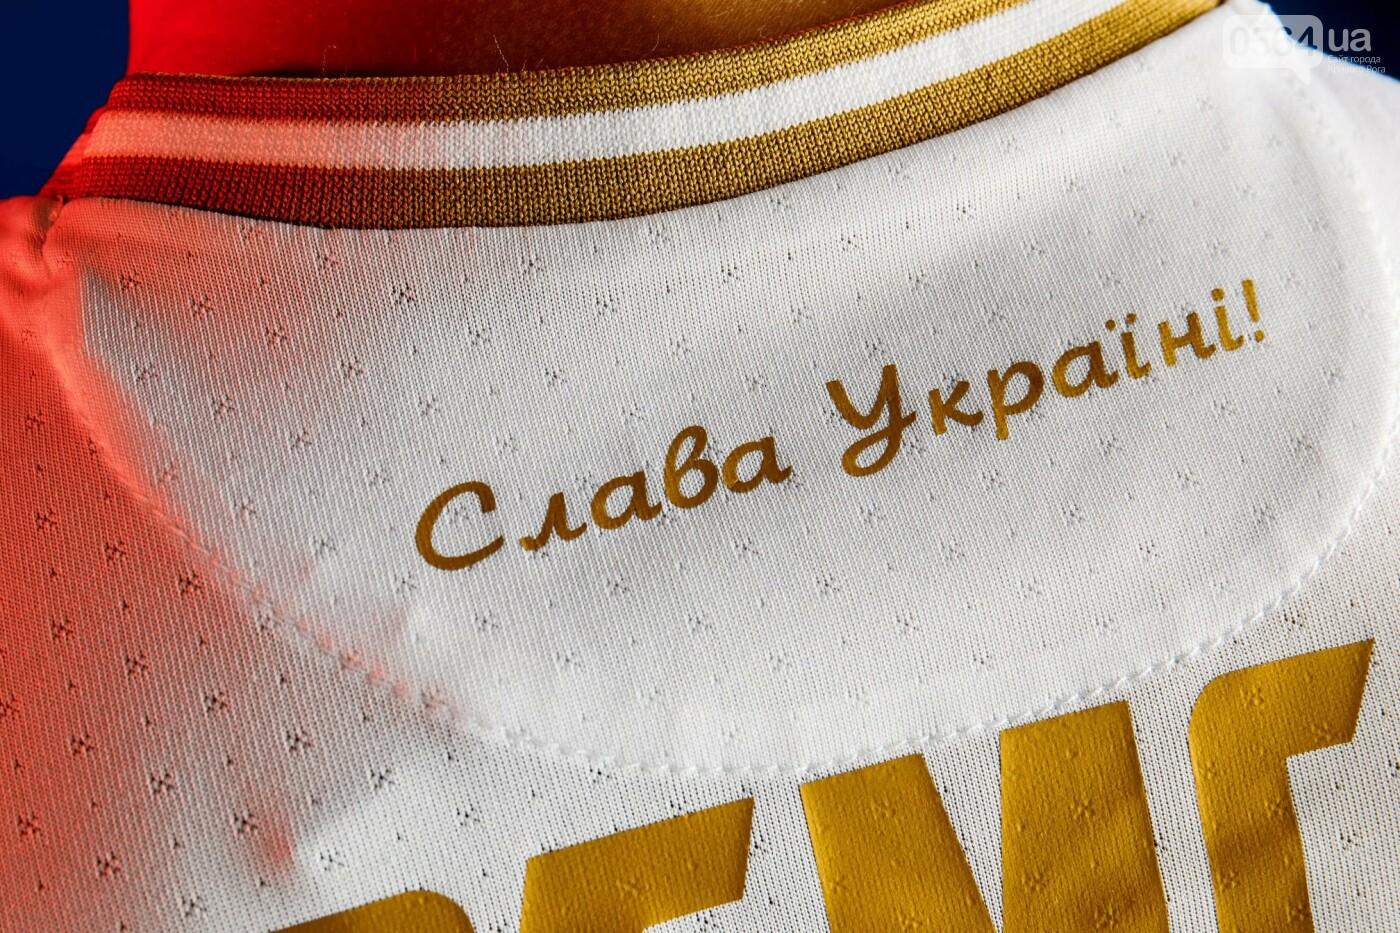 Сборная Украины по футболу представила новую форму на Евро-2020, фото-6